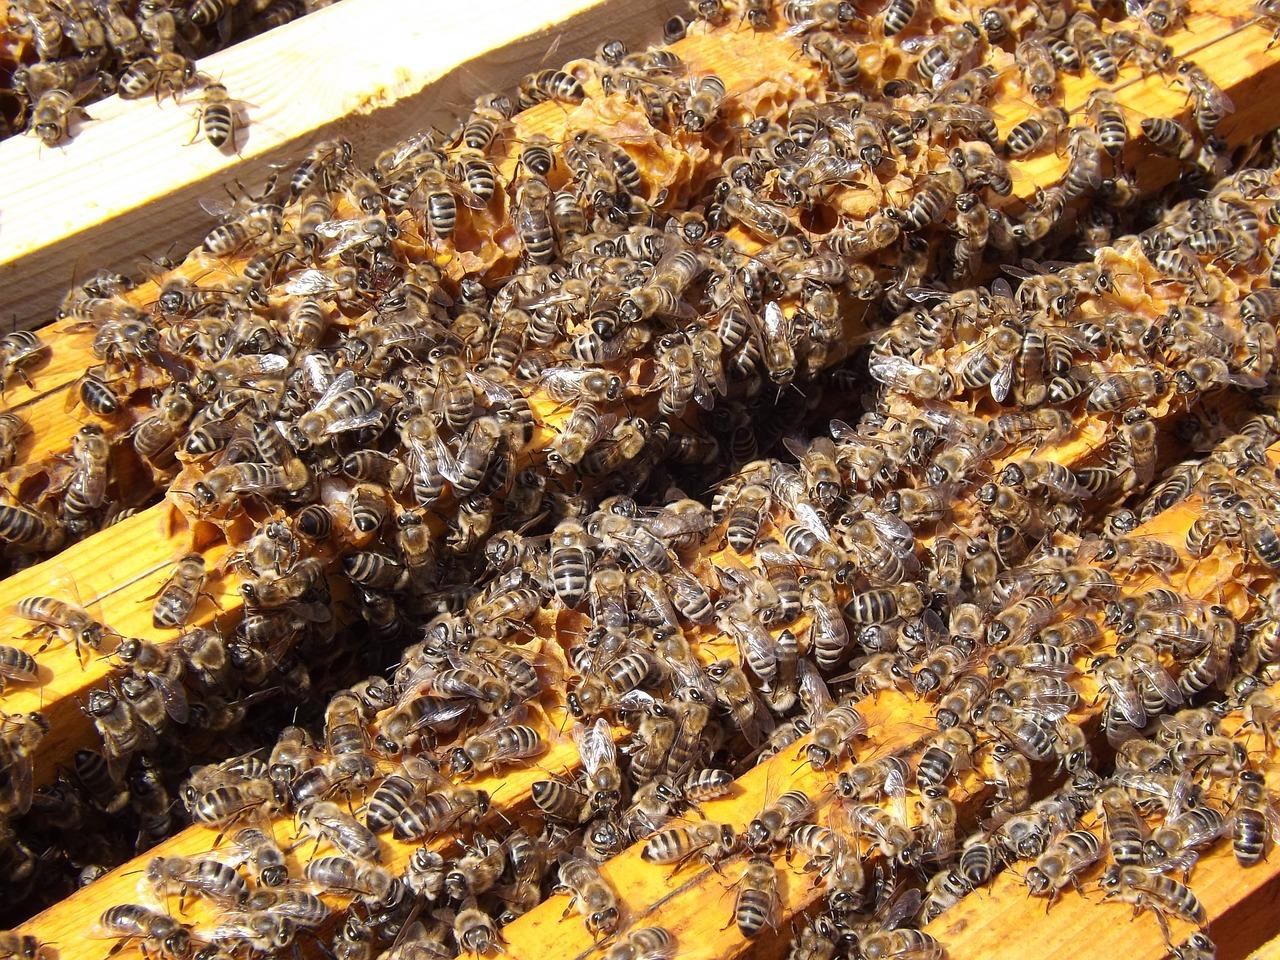 этнические пчеловод улей пчелы картинки как самостоятельно